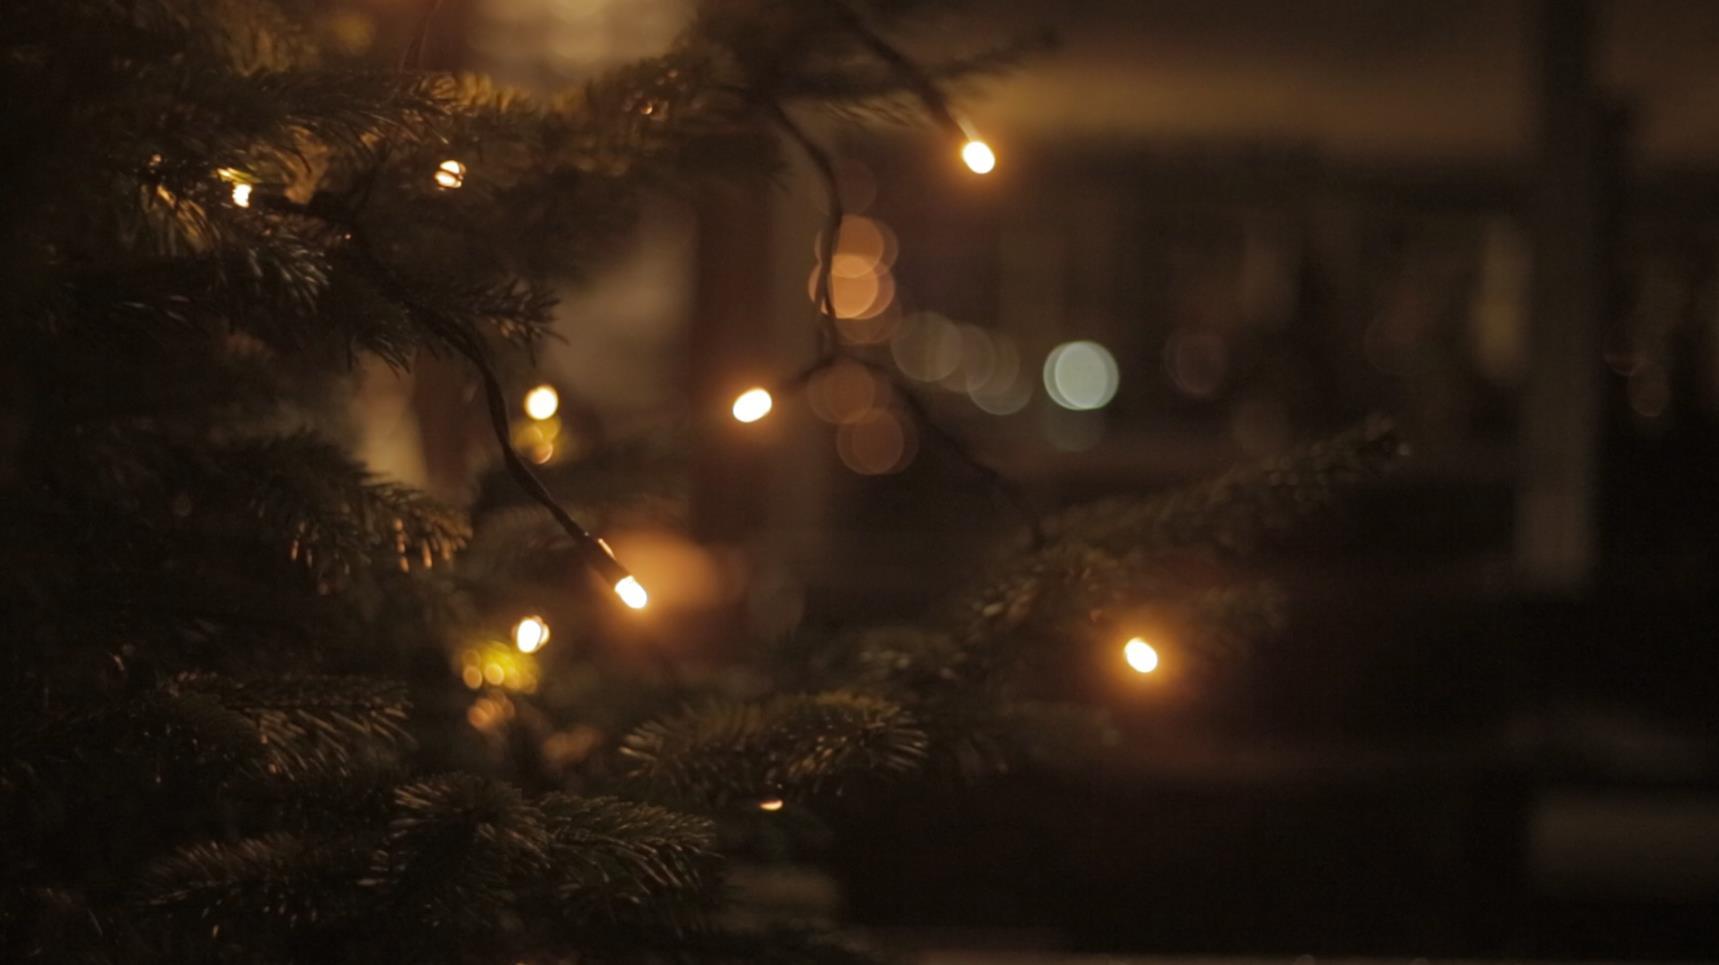 Weihnachten und Lichter